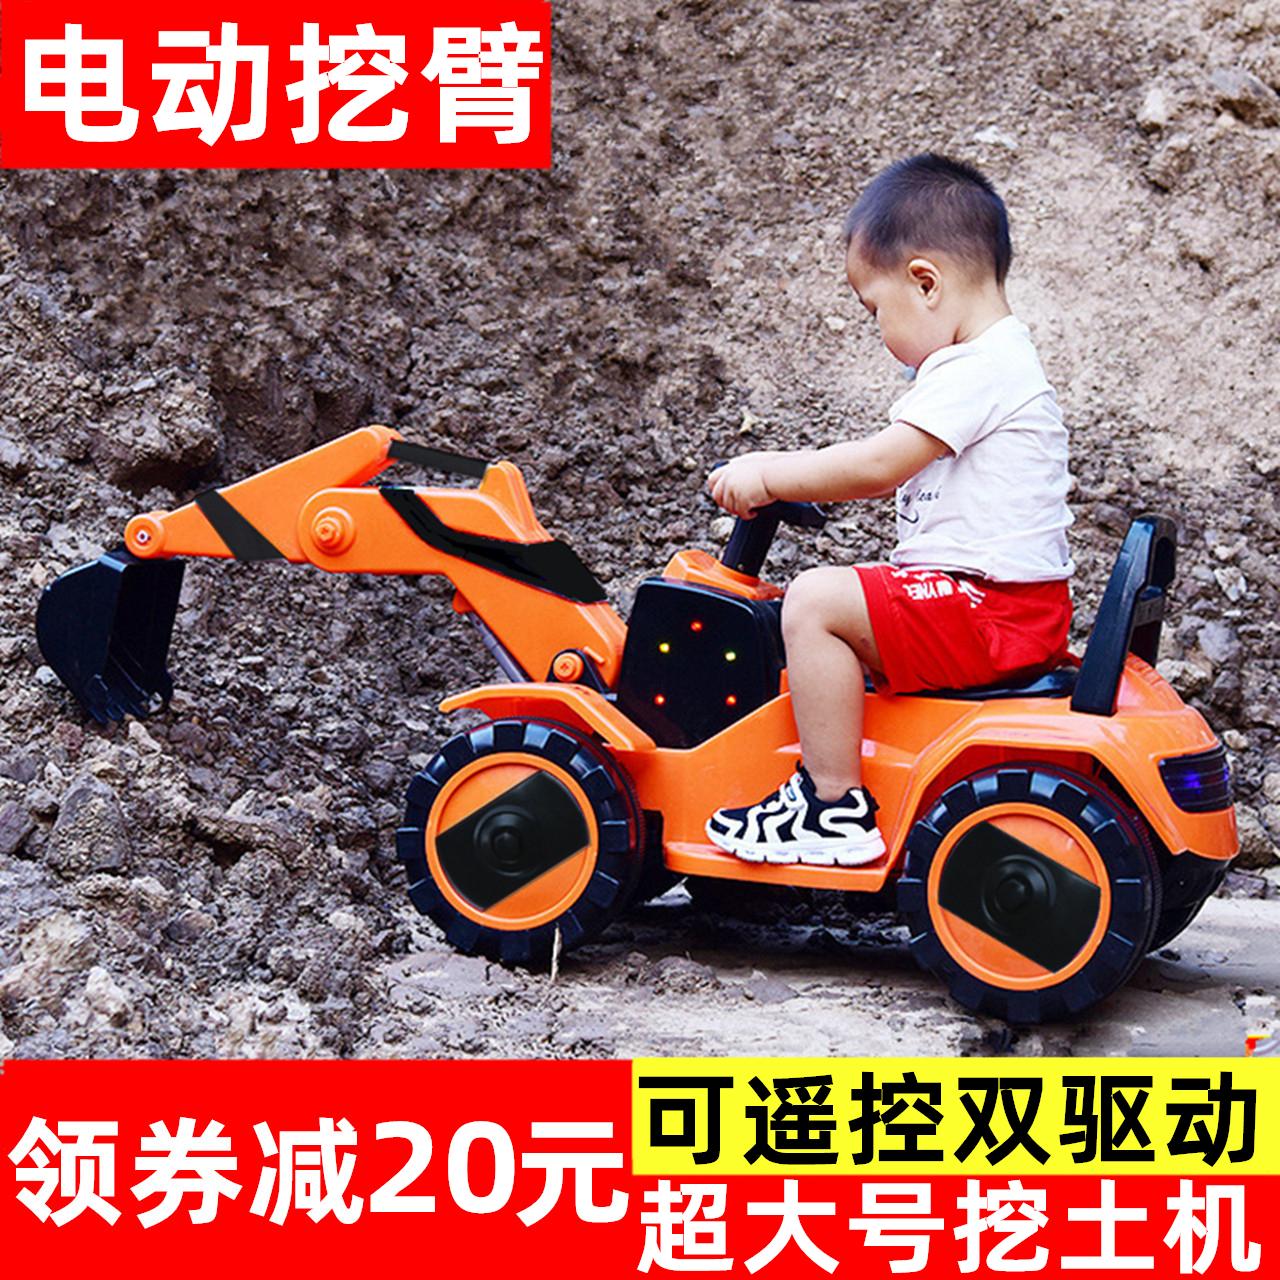 儿童电动挖掘机玩具车可坐可骑宝宝超大号男孩挖土机可遥控工程车